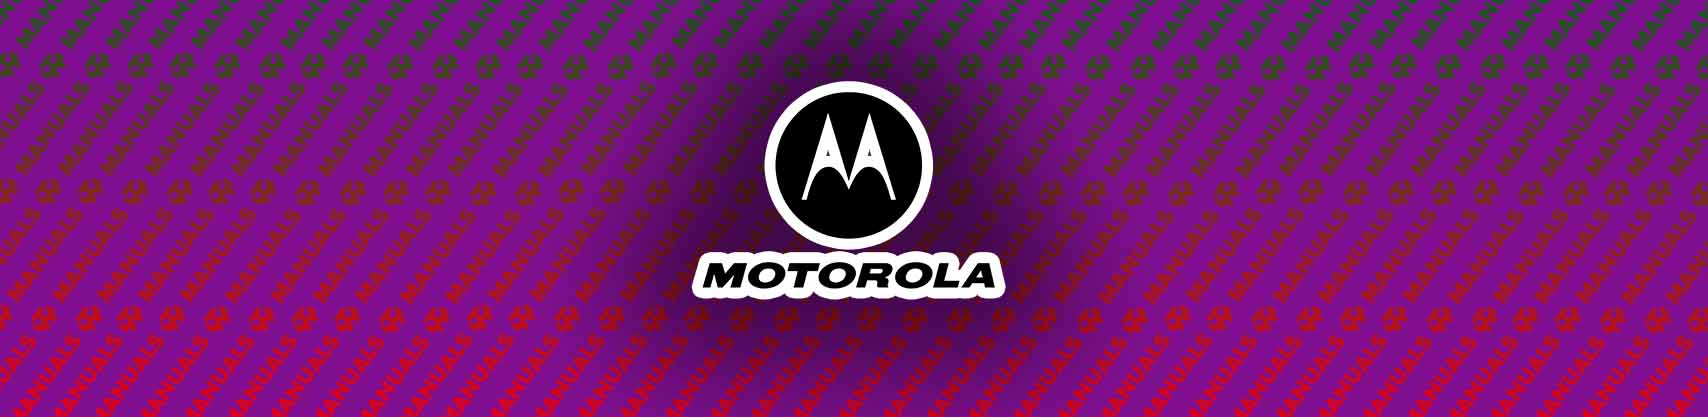 Motorola E4 Manual